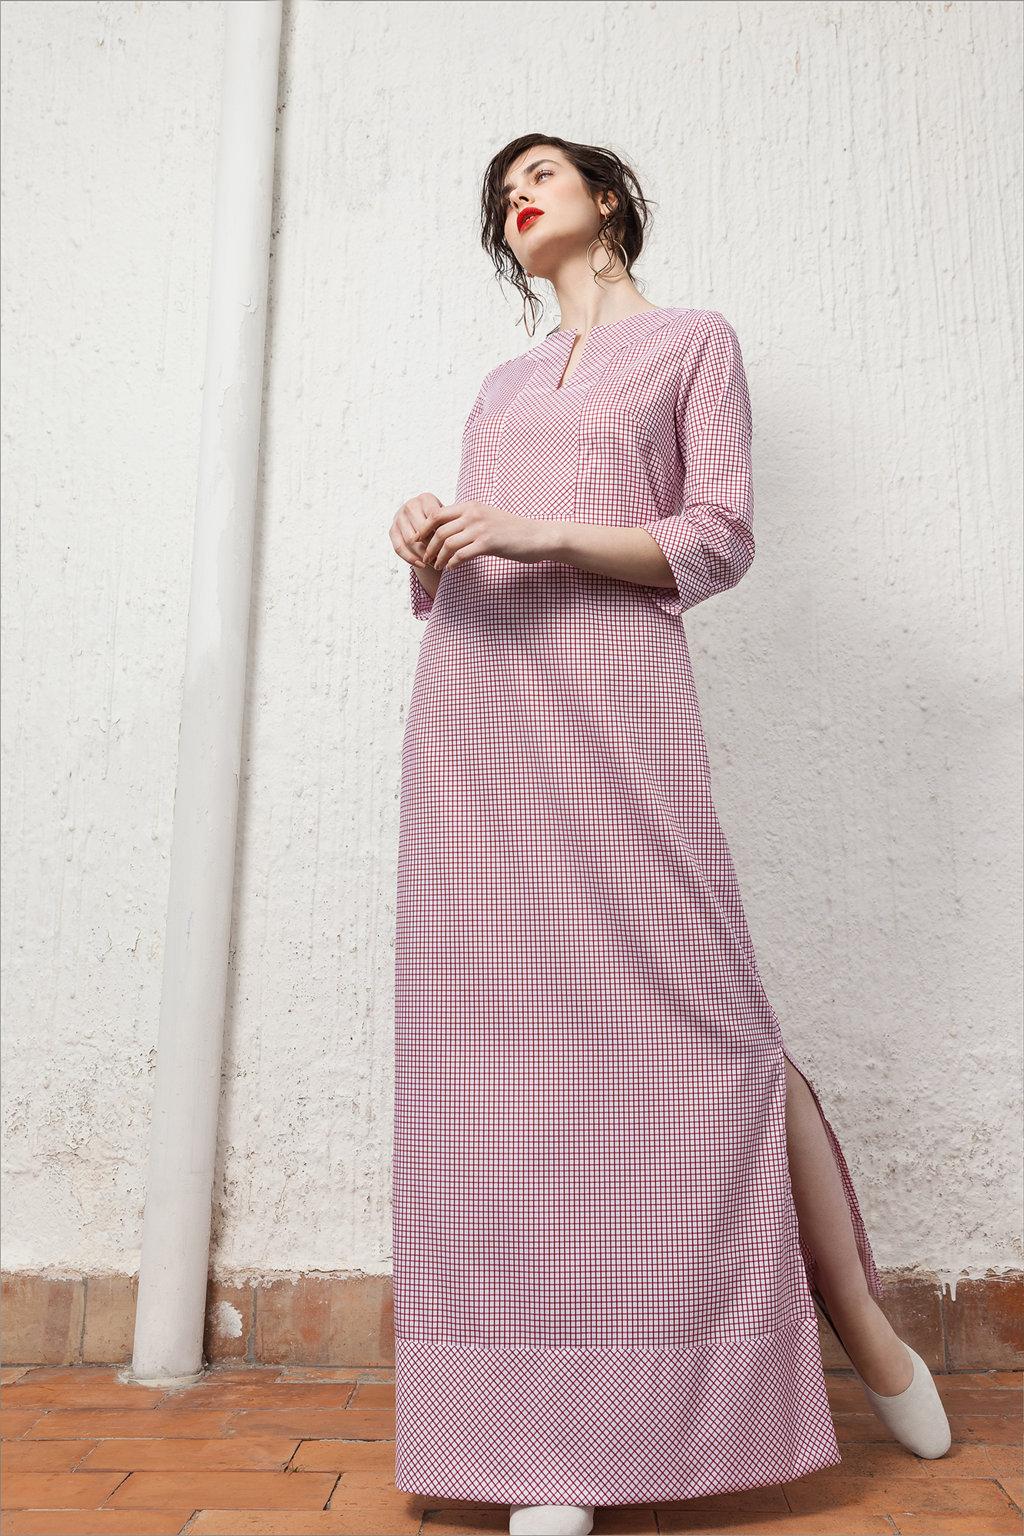 Cettina-Bucca-by-Anna-Breda-Shirt-WEB-01 LQ